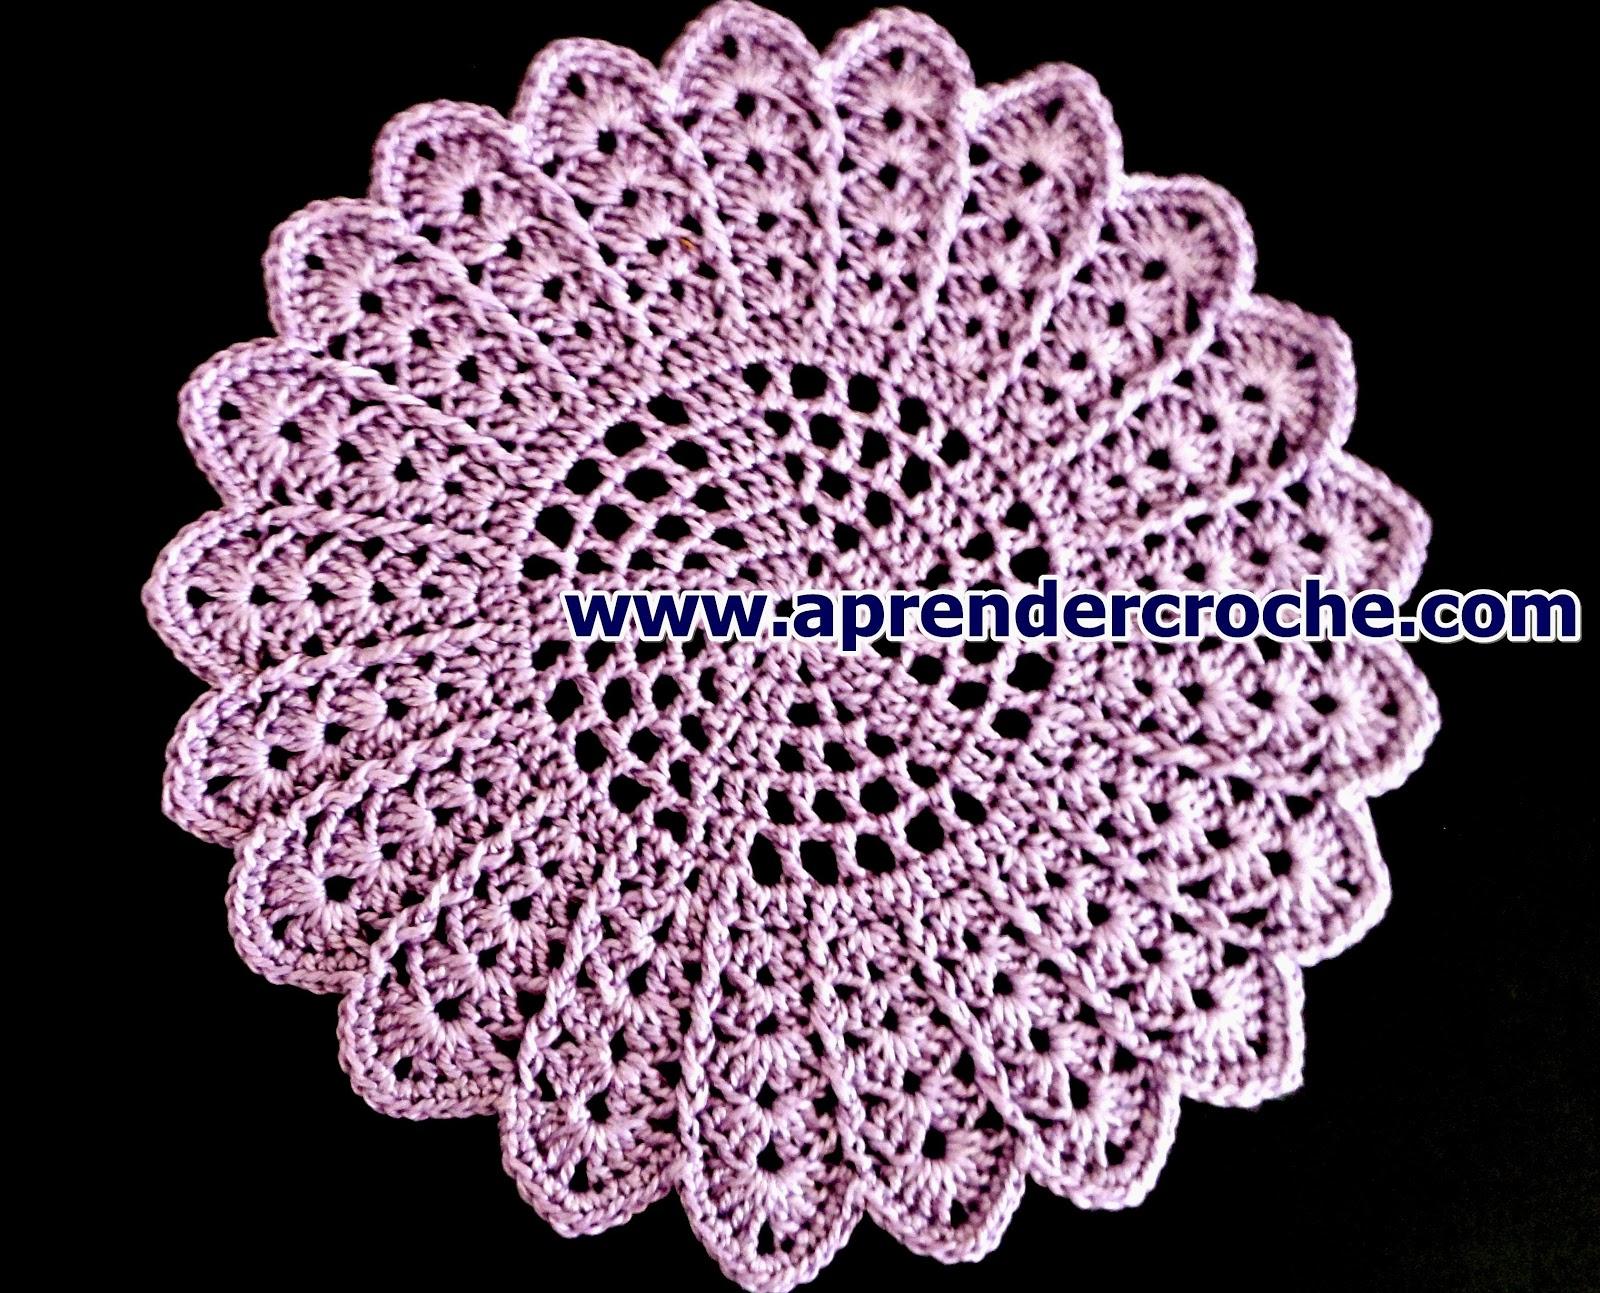 toalhinhas aprender croche toalhas violeta dvd loja curso de croche frete gratis